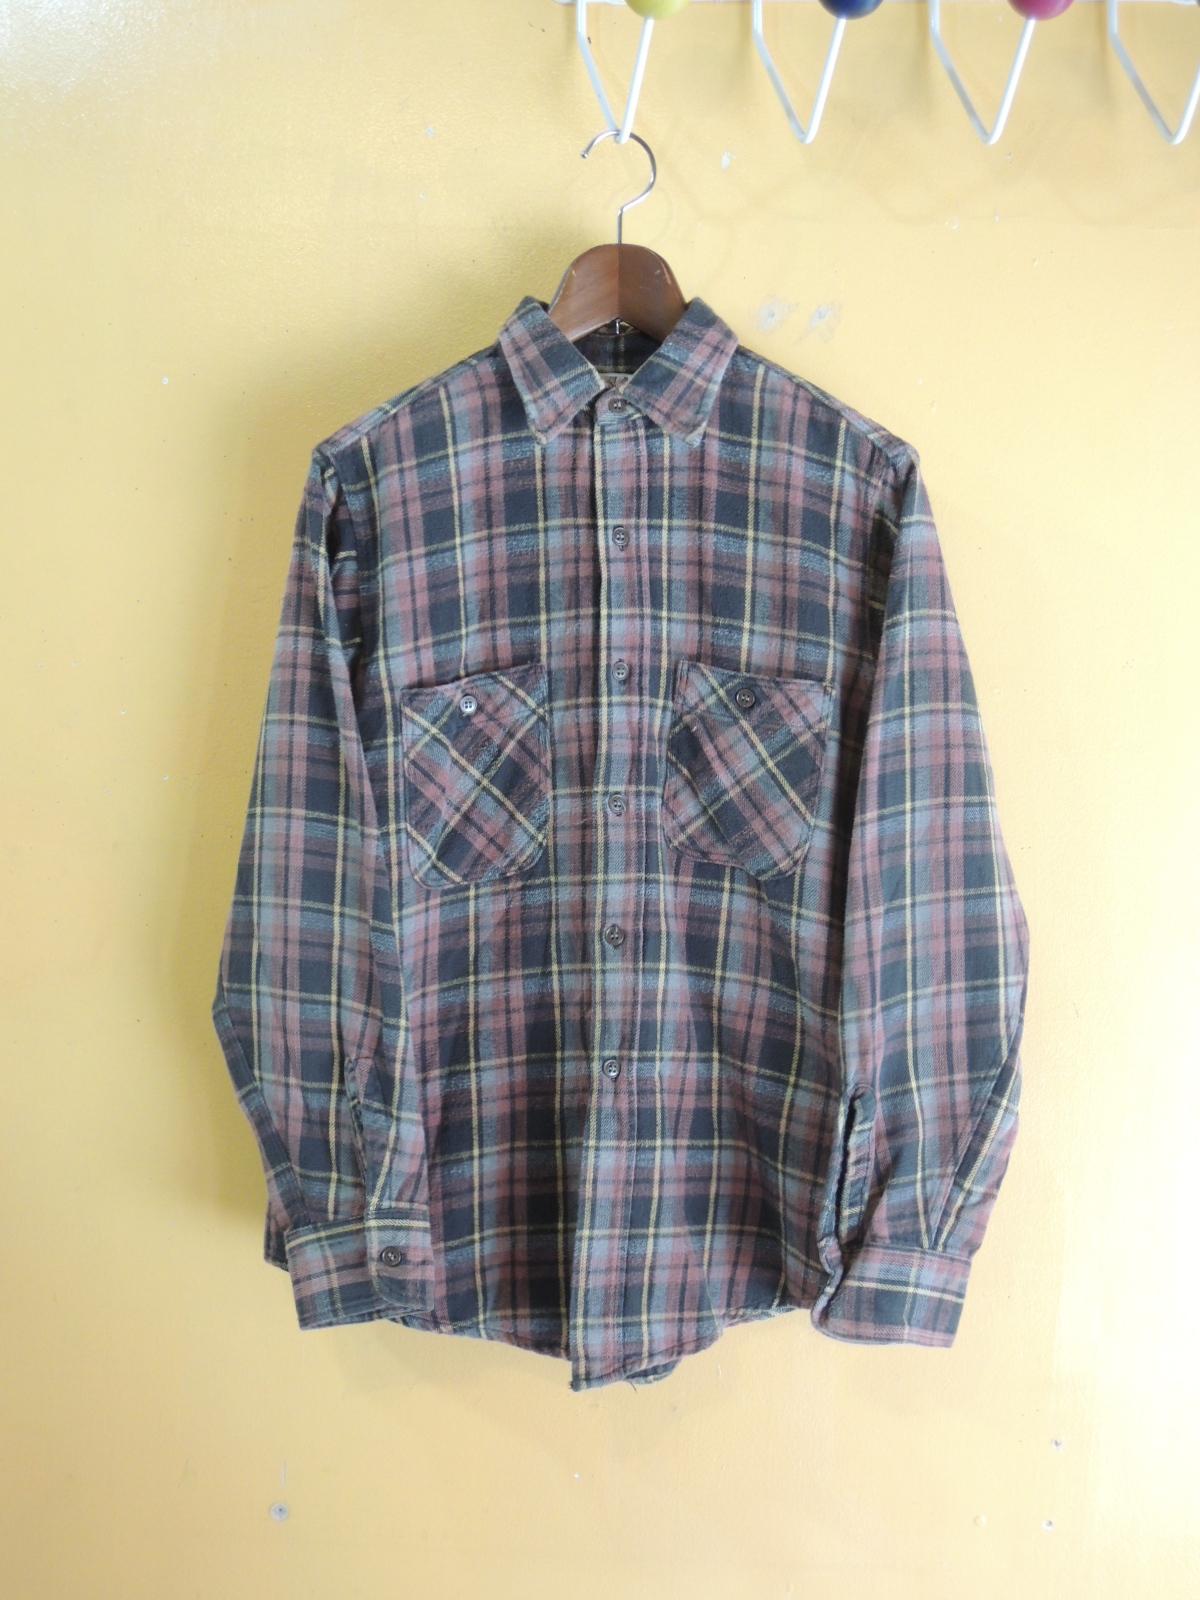 polorflannnelshirts01.JPG